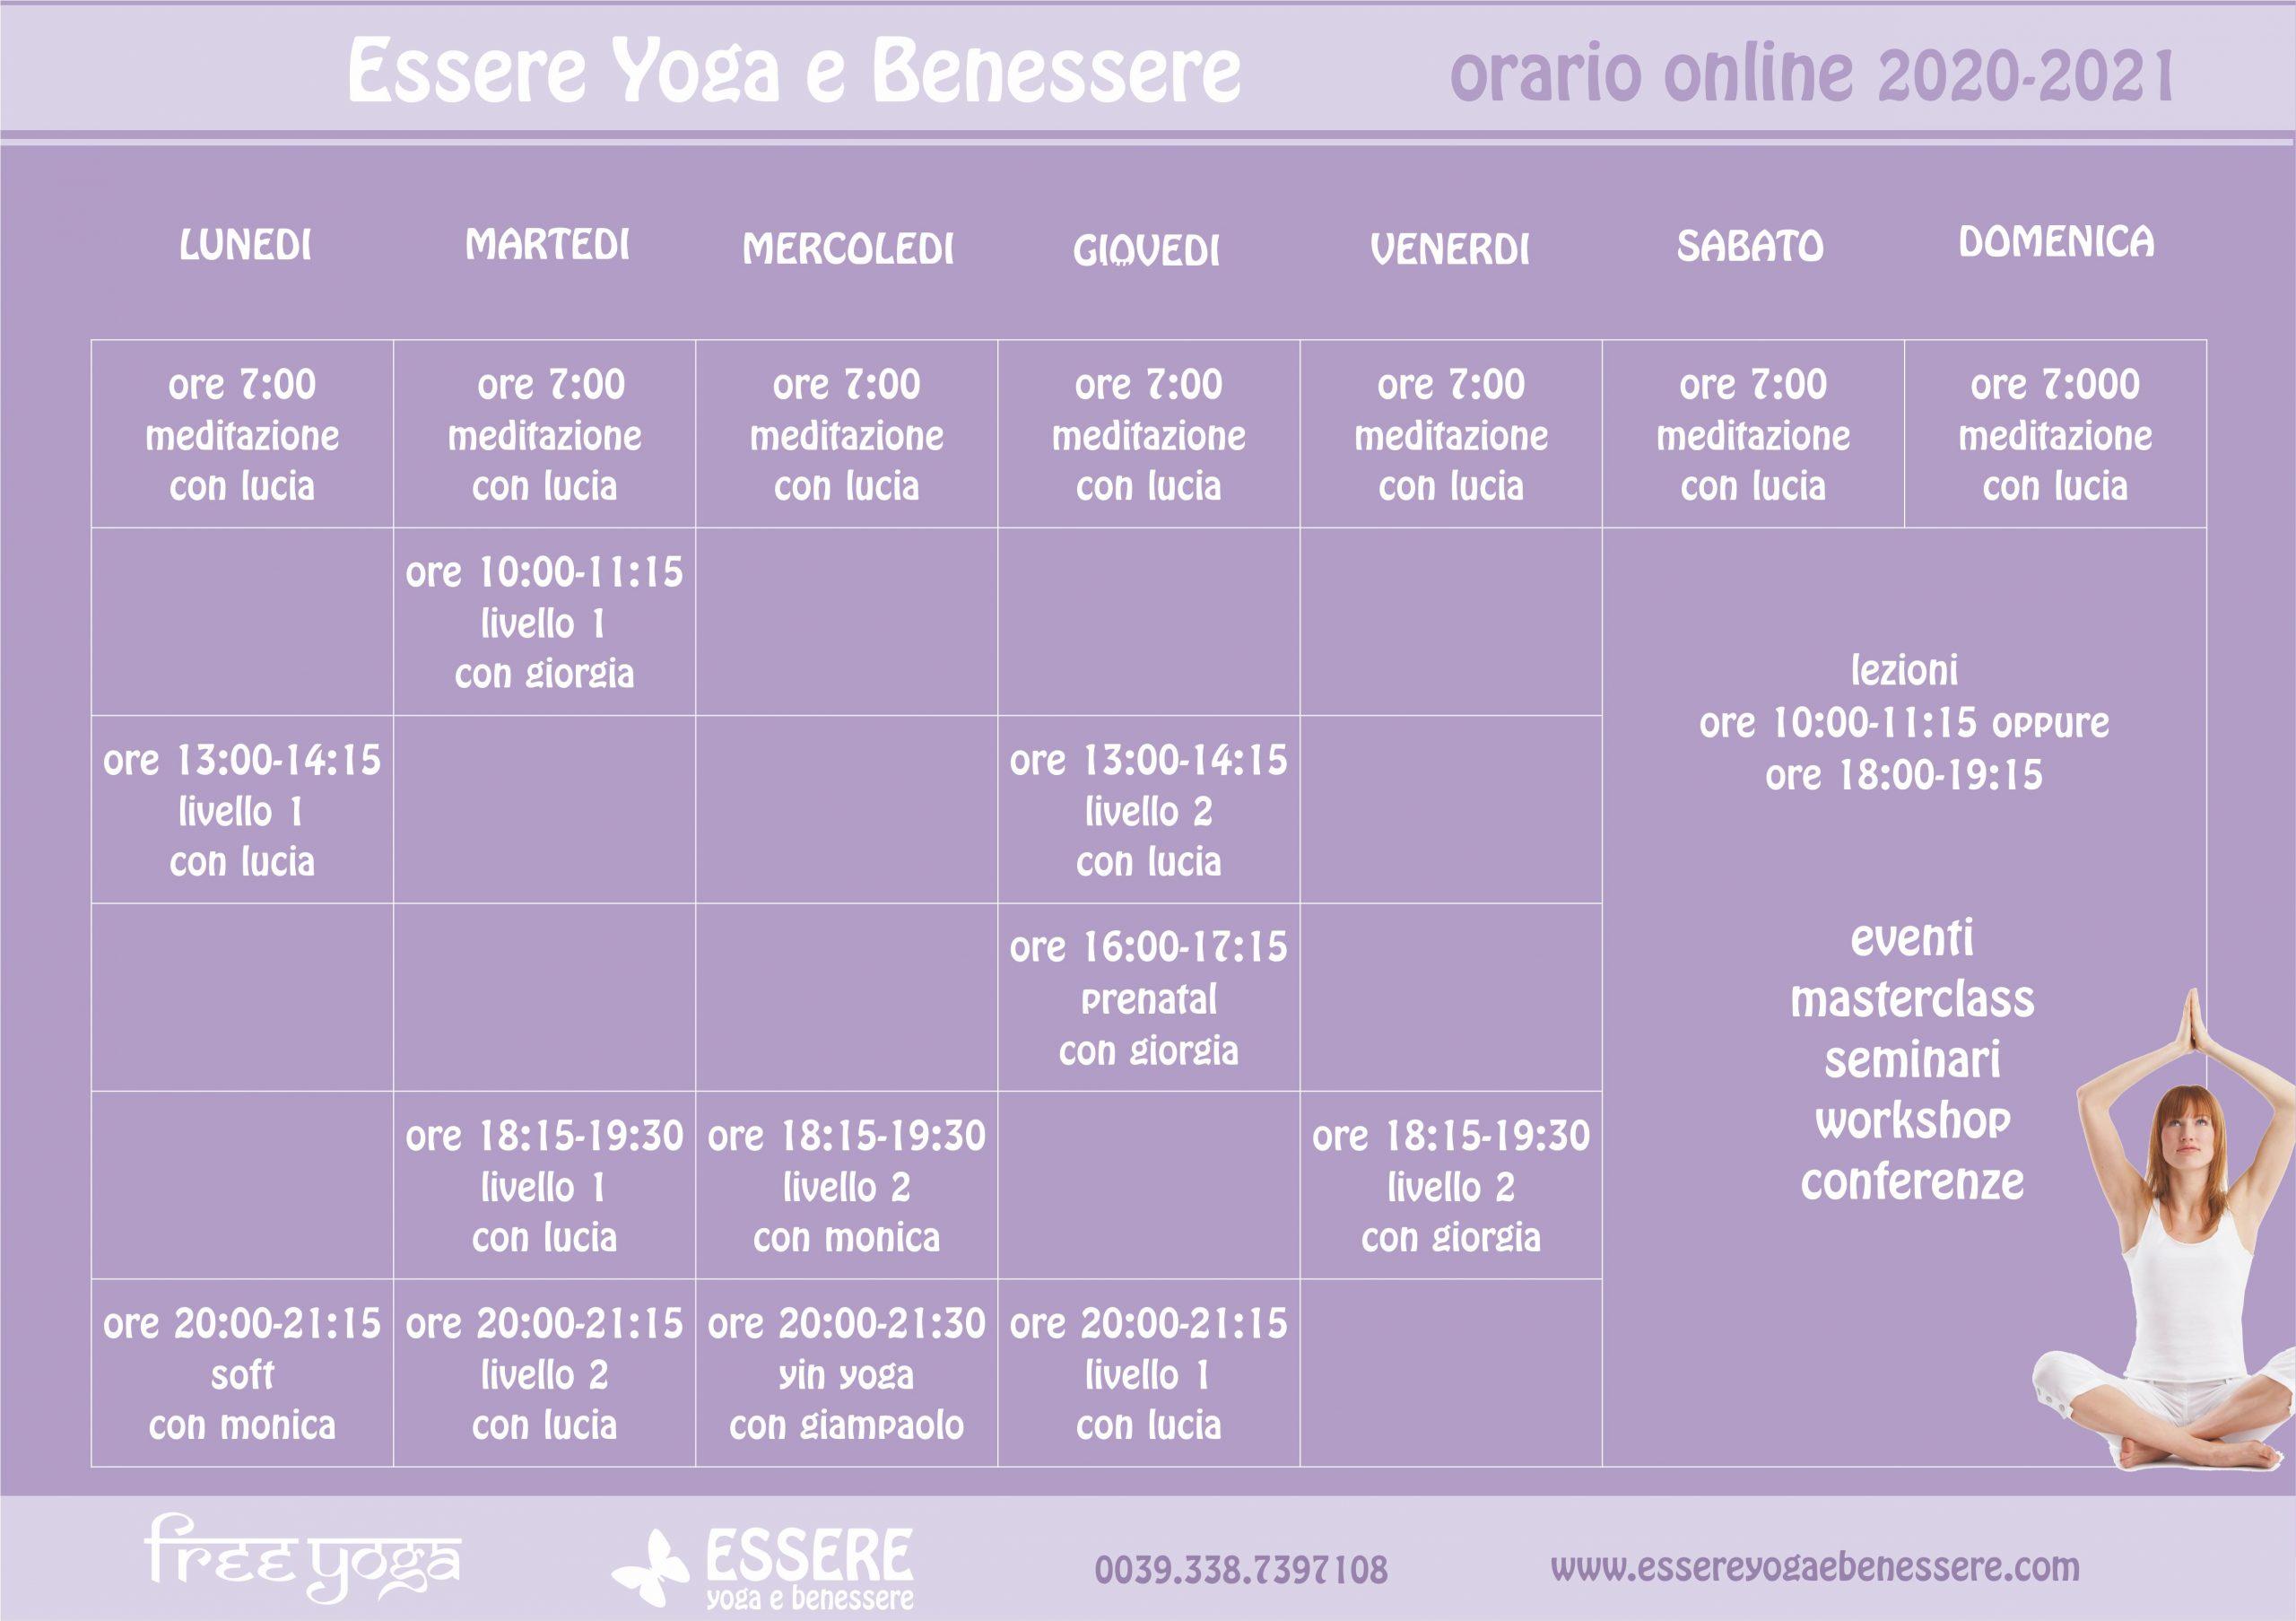 yoga-home-lezioni-live-online-a-casa-orario-dicembre-2020-inverno-lucia-ragazzi-essere-benessere-free-gratuito